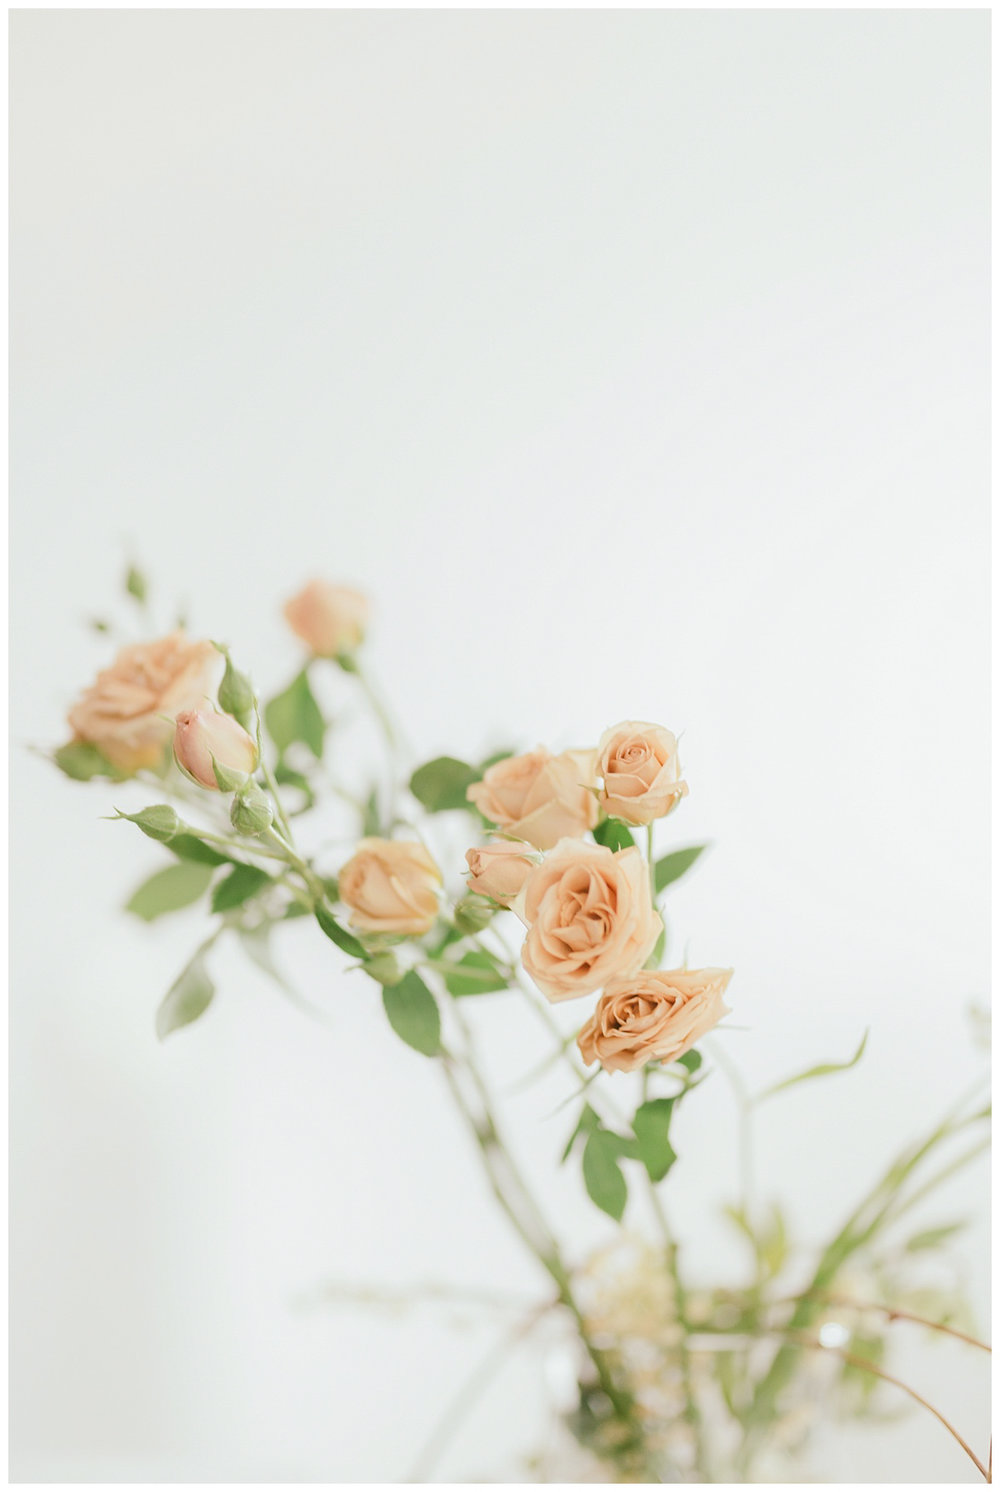 Hong Kong Fine Art Wedding Prewedding Photographer Mattie C. 00045.jpg